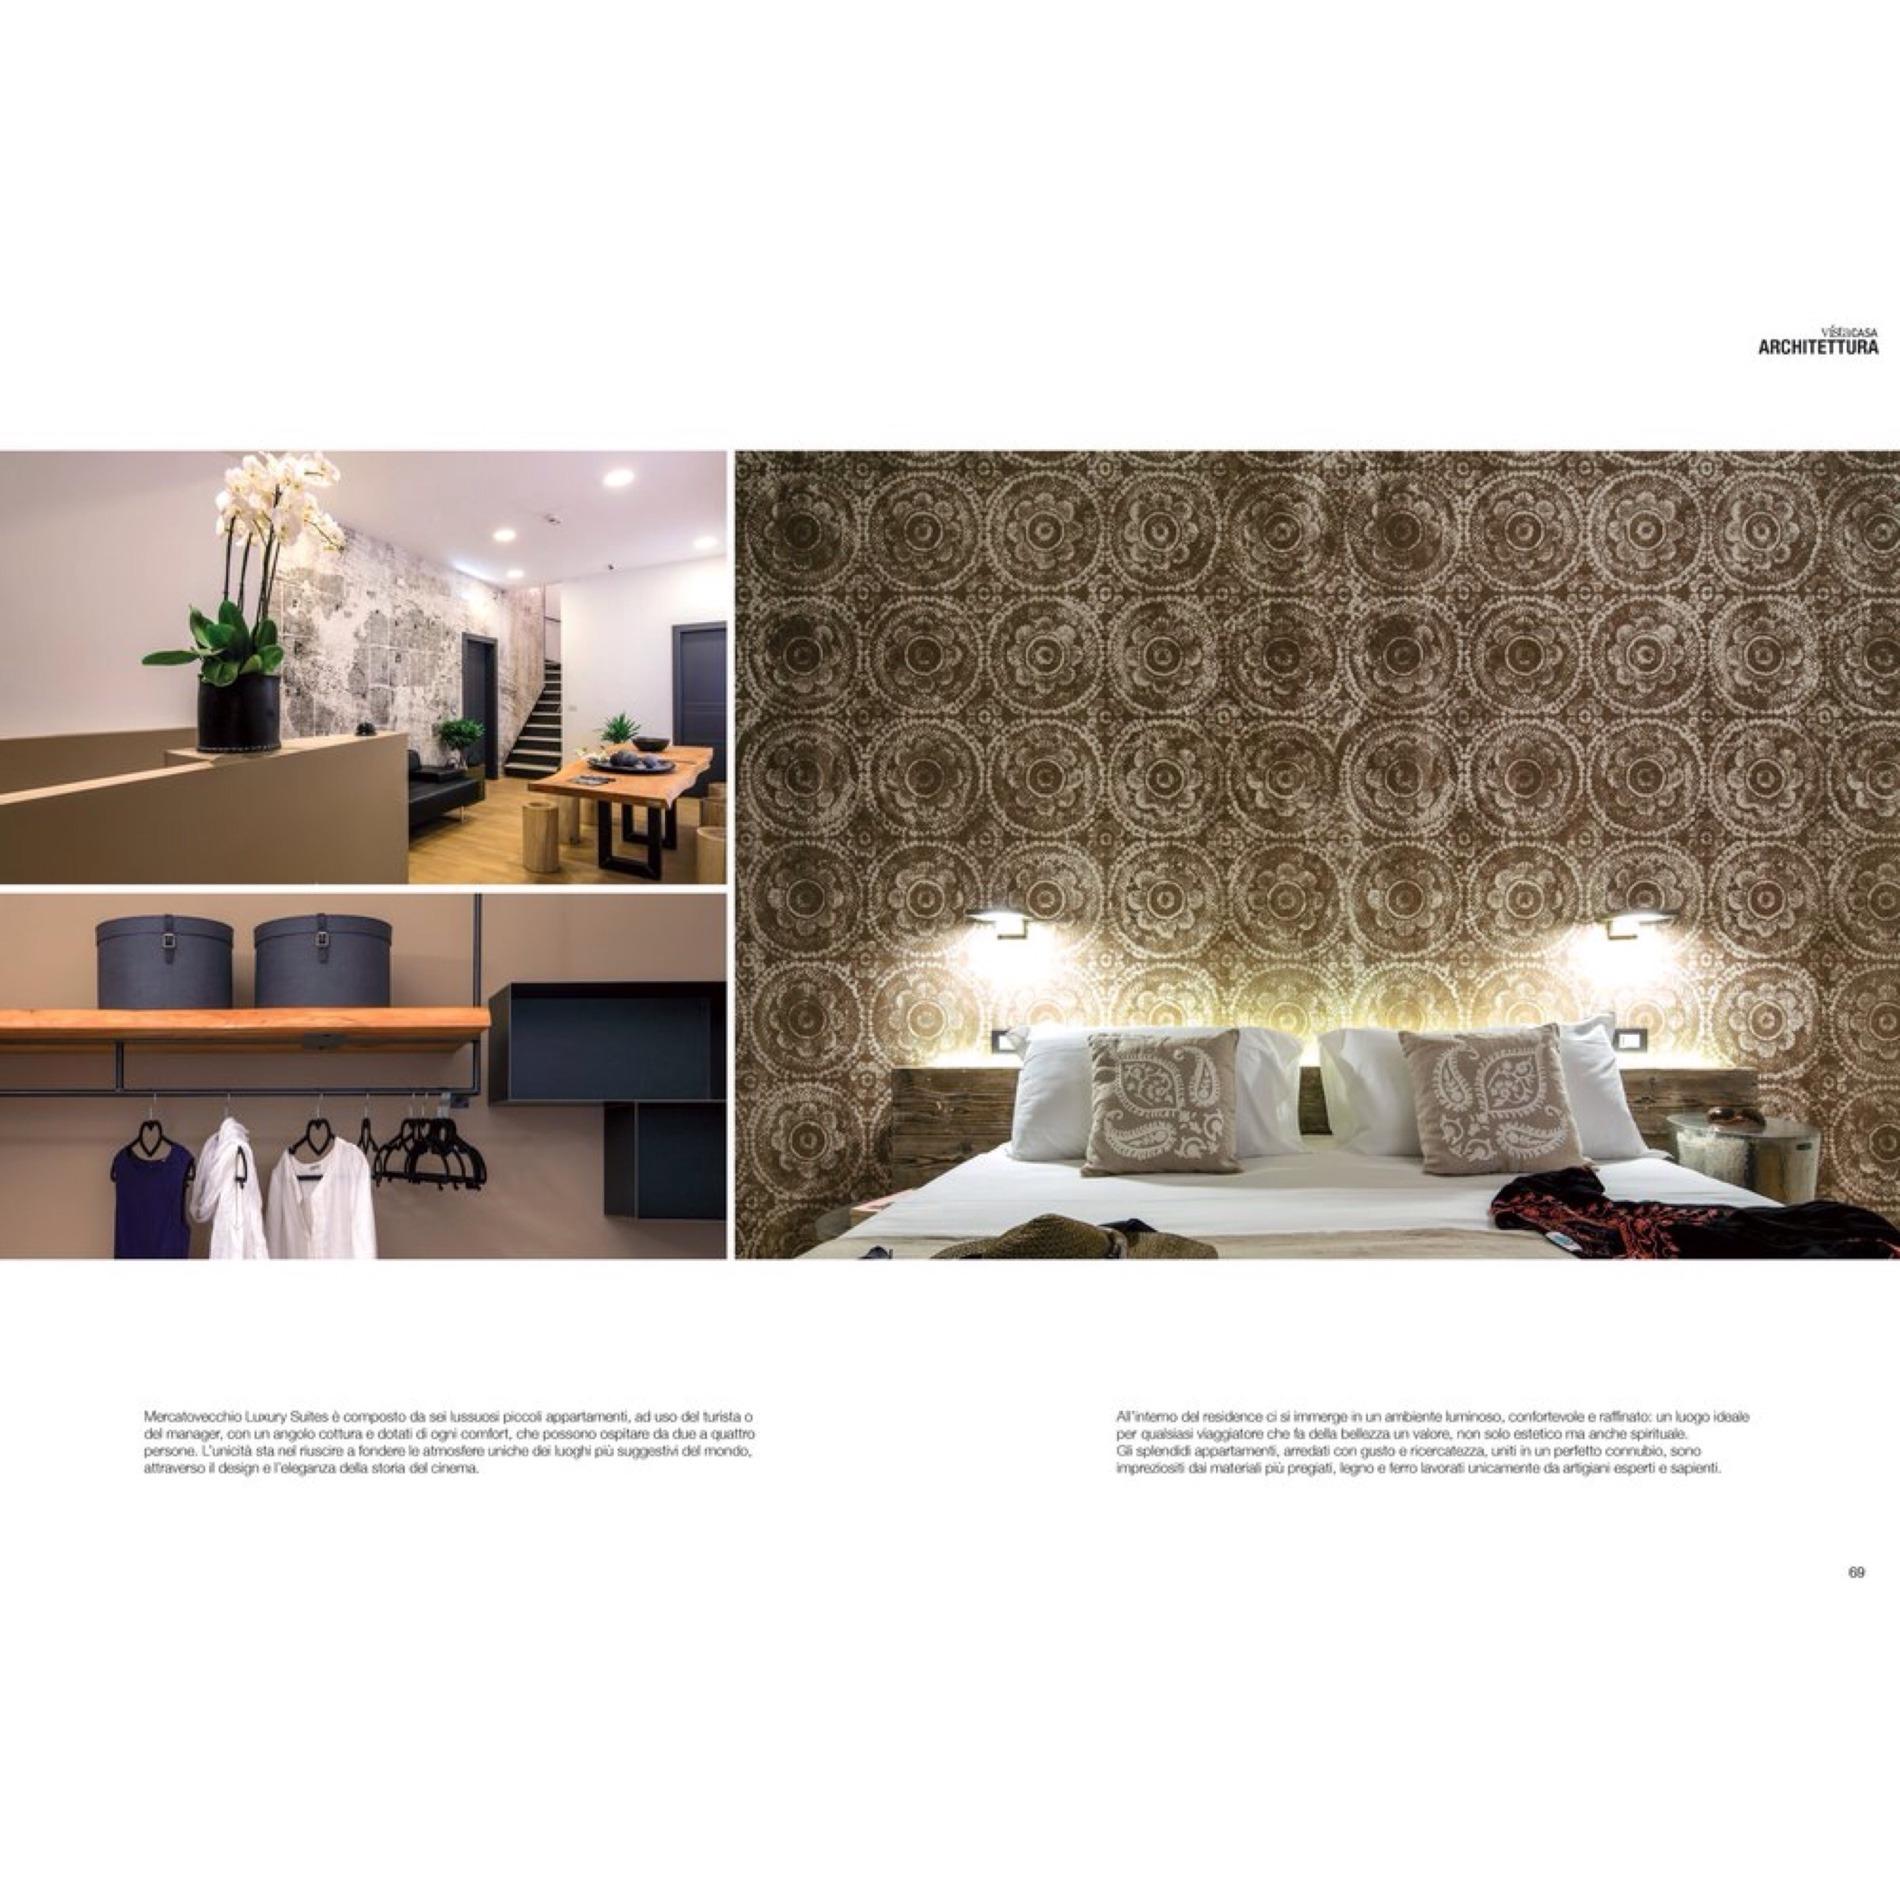 Case Arredate Con Gusto mercatovecchio luxury suite | casabella grattoni1892